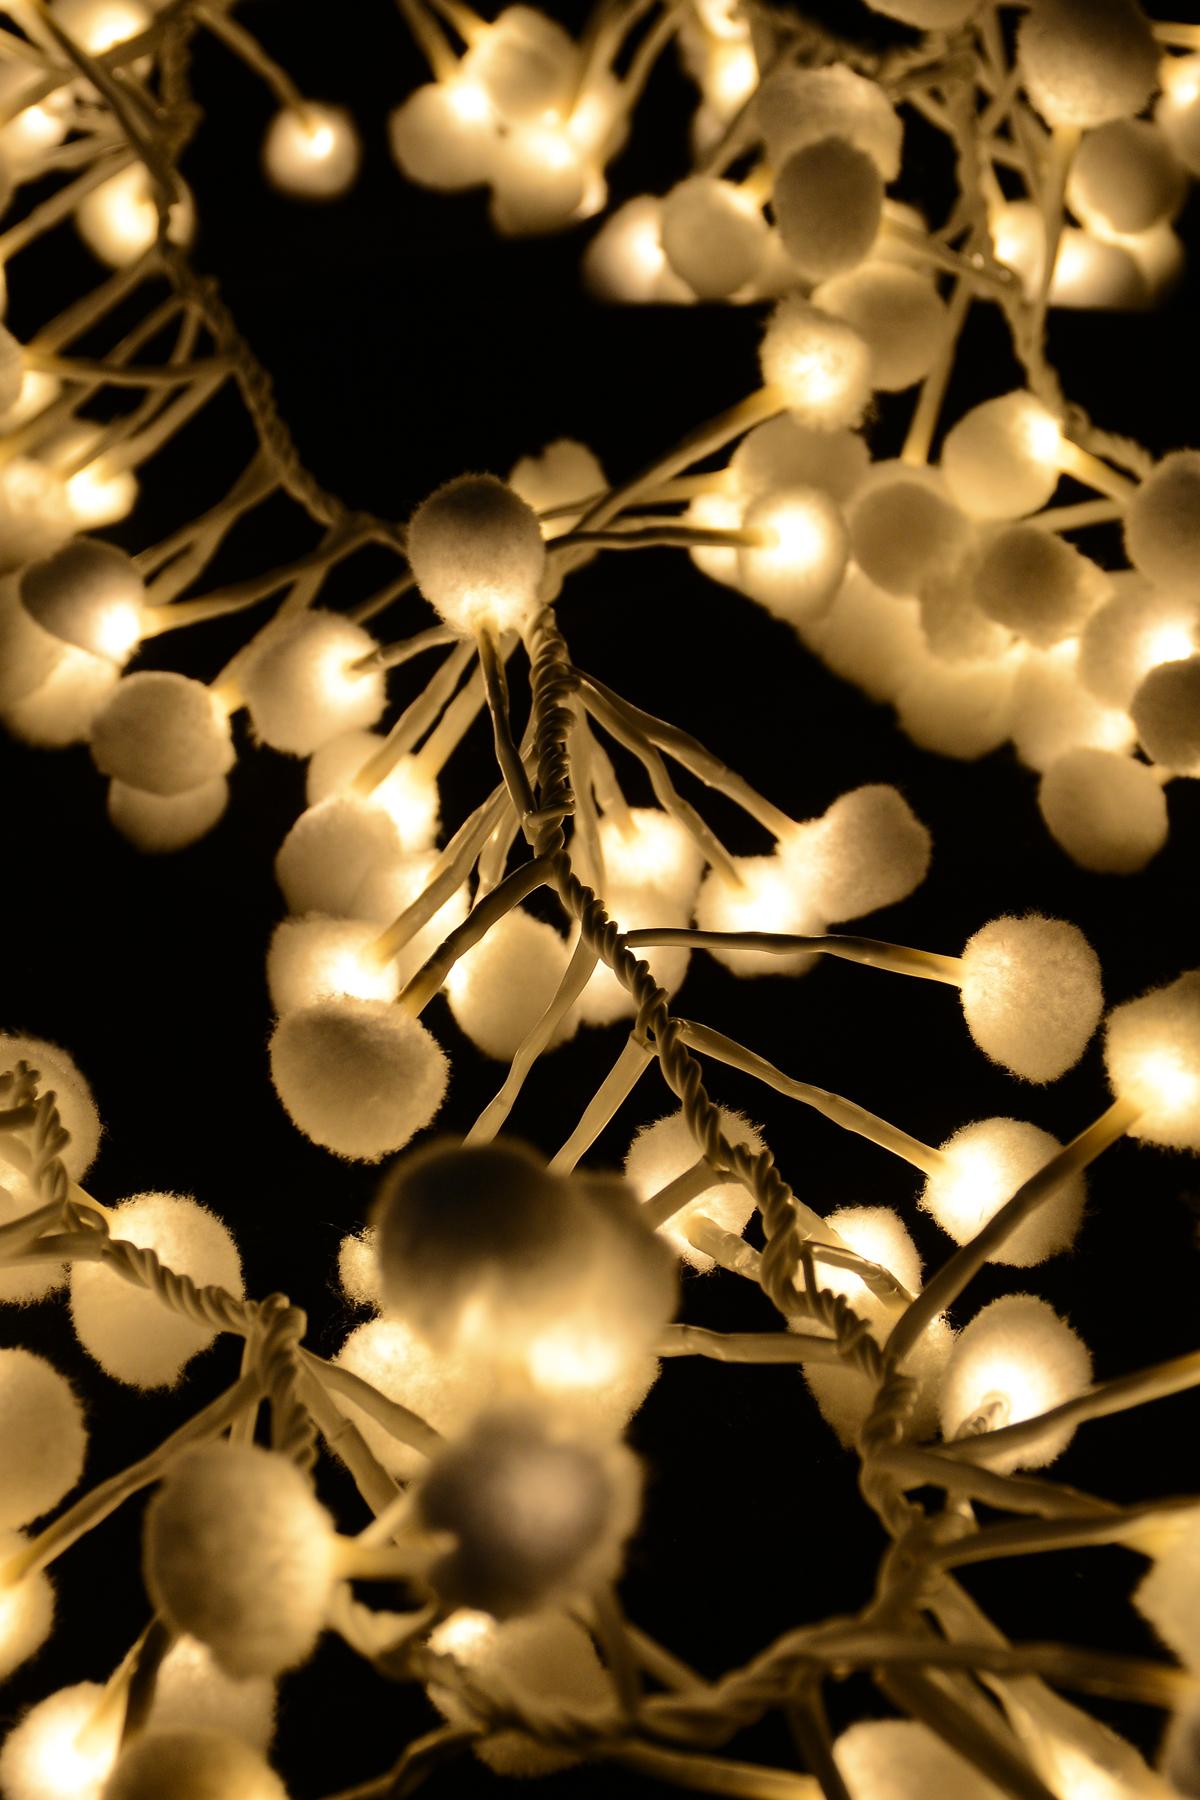 Гирлянда новогодняя электрическая Winter Wings  Шары , 192 лампы, 4,8 м. N11286 - Гирлянды и светильники